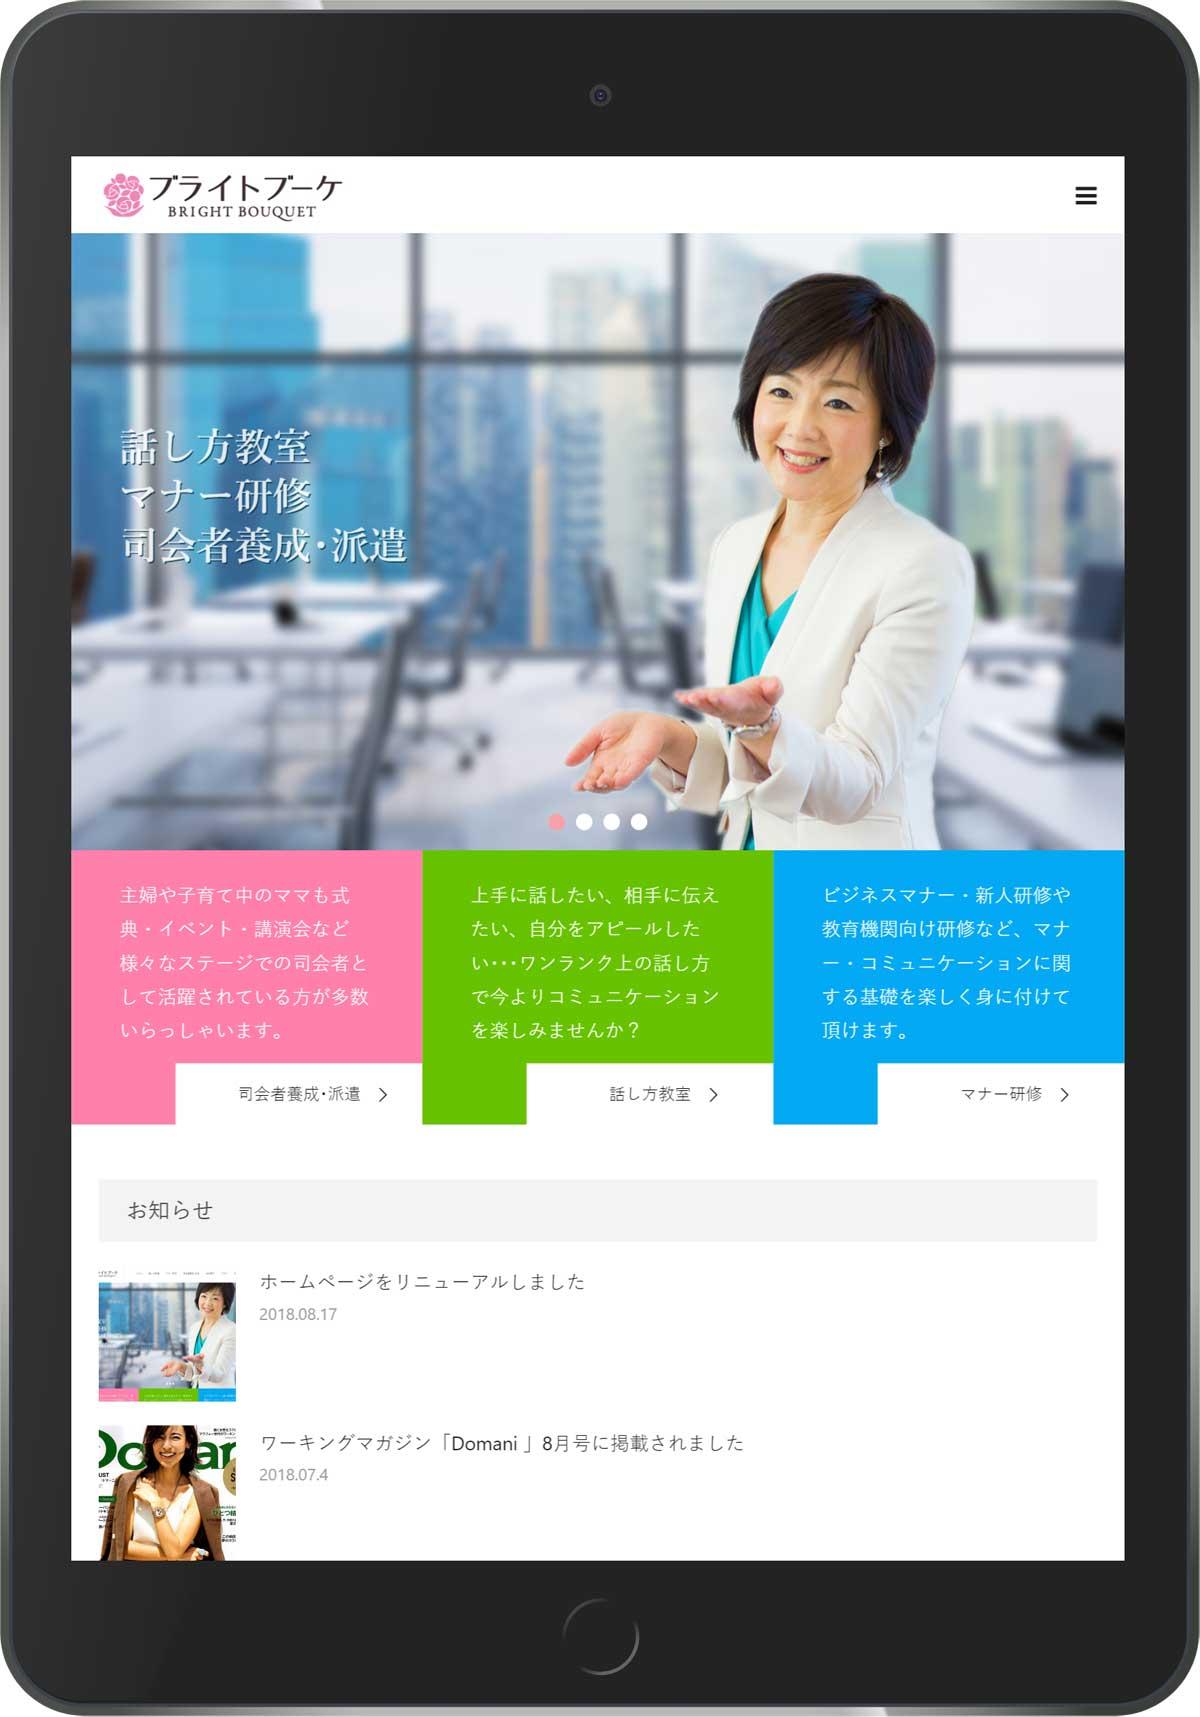 話し方教室・マナー研修・司会者派遣の株式会社ブライトブーケ・タブレットトップページデザイン